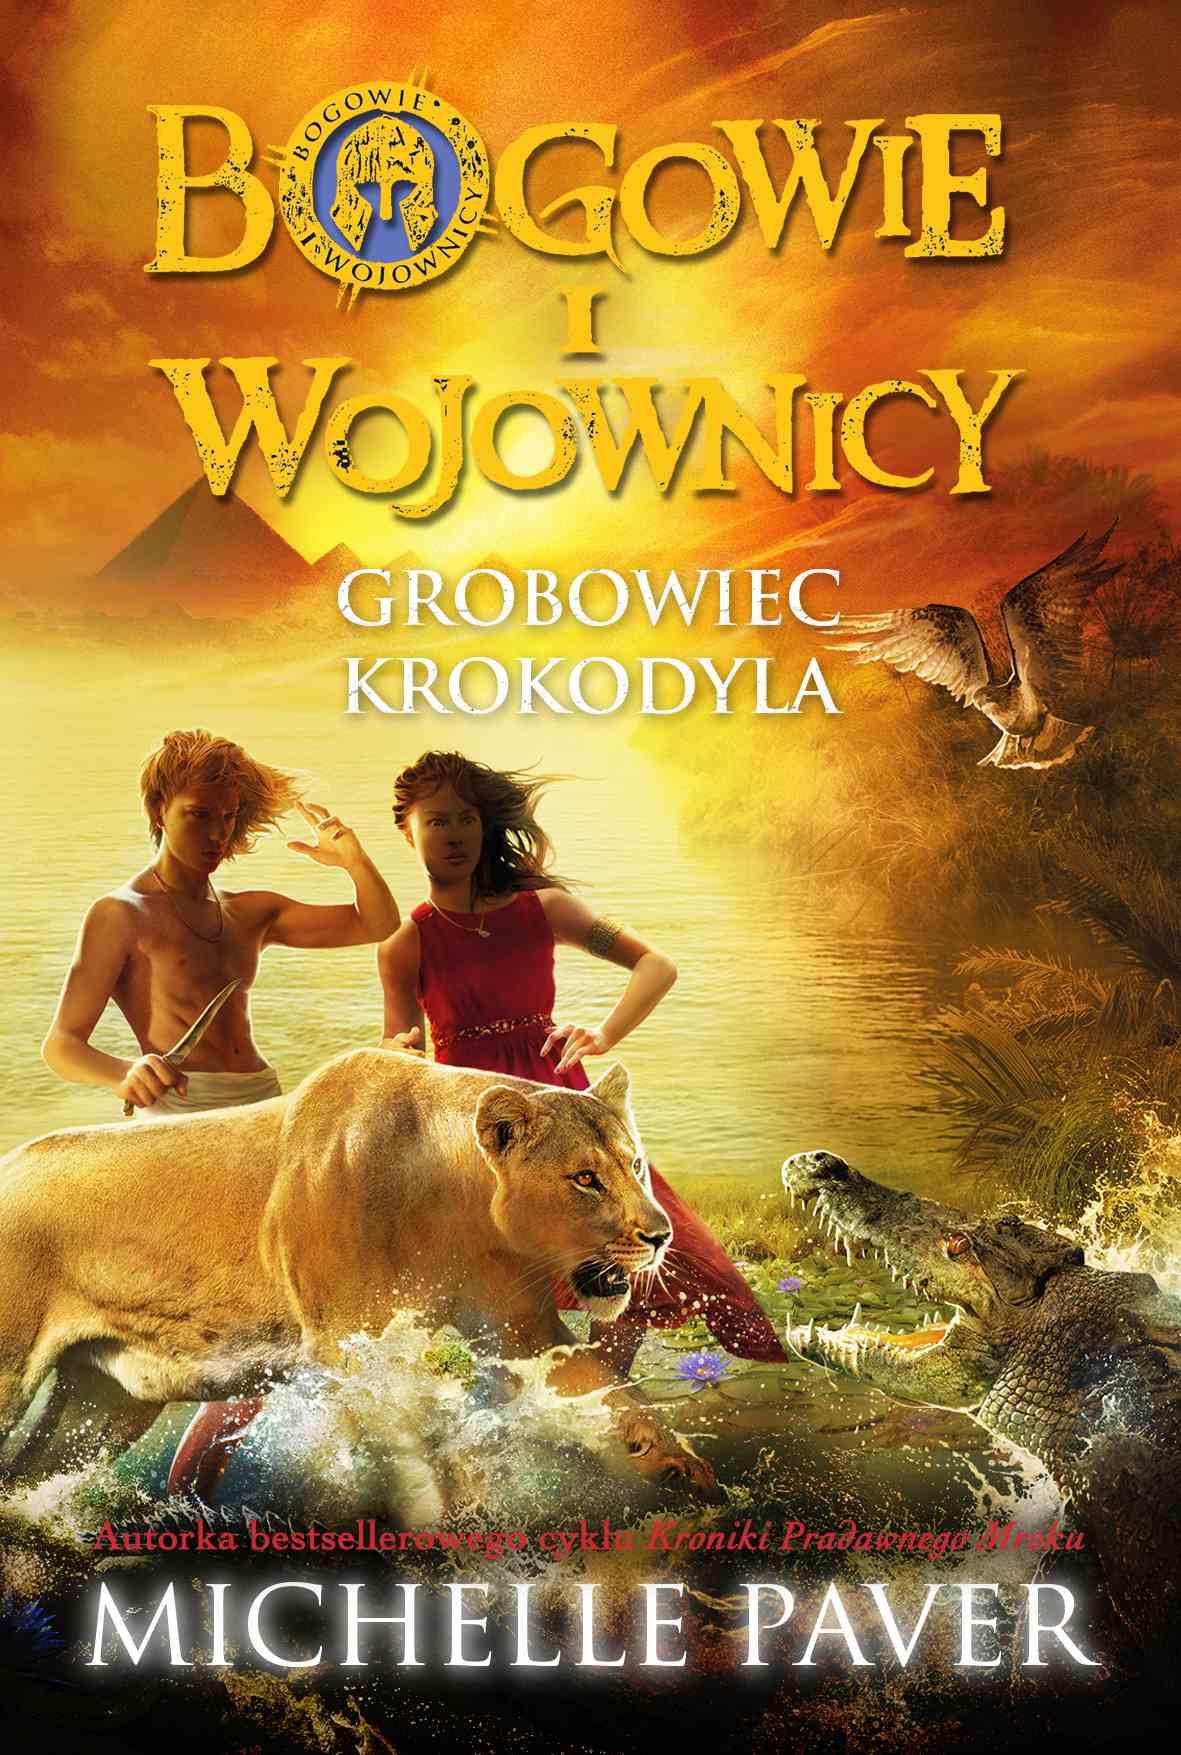 Bogowie i wojownicy. Tom 4. Grobowiec krokodyla - Ebook (Książka na Kindle) do pobrania w formacie MOBI